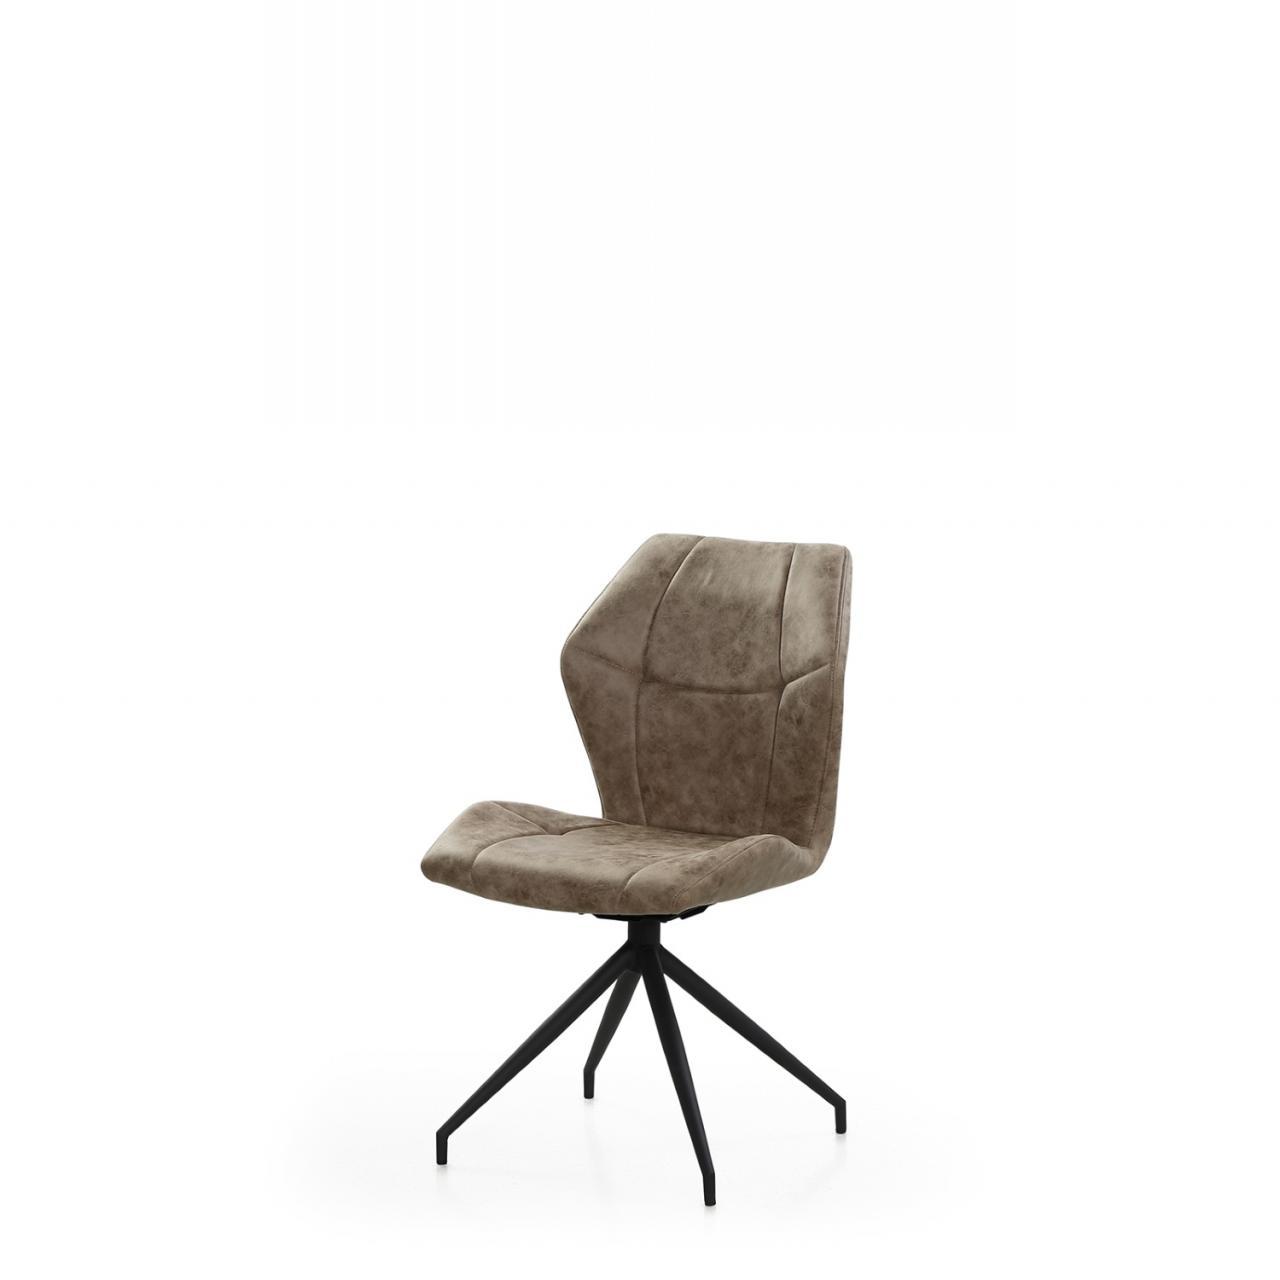 Stuhl Emilio Vintage Grau Braun Drehbar Polsterung Metall Esszimmer Stuhle Hocker Esszimmer Wohnen Mobel Jahnichen Center Gmbh